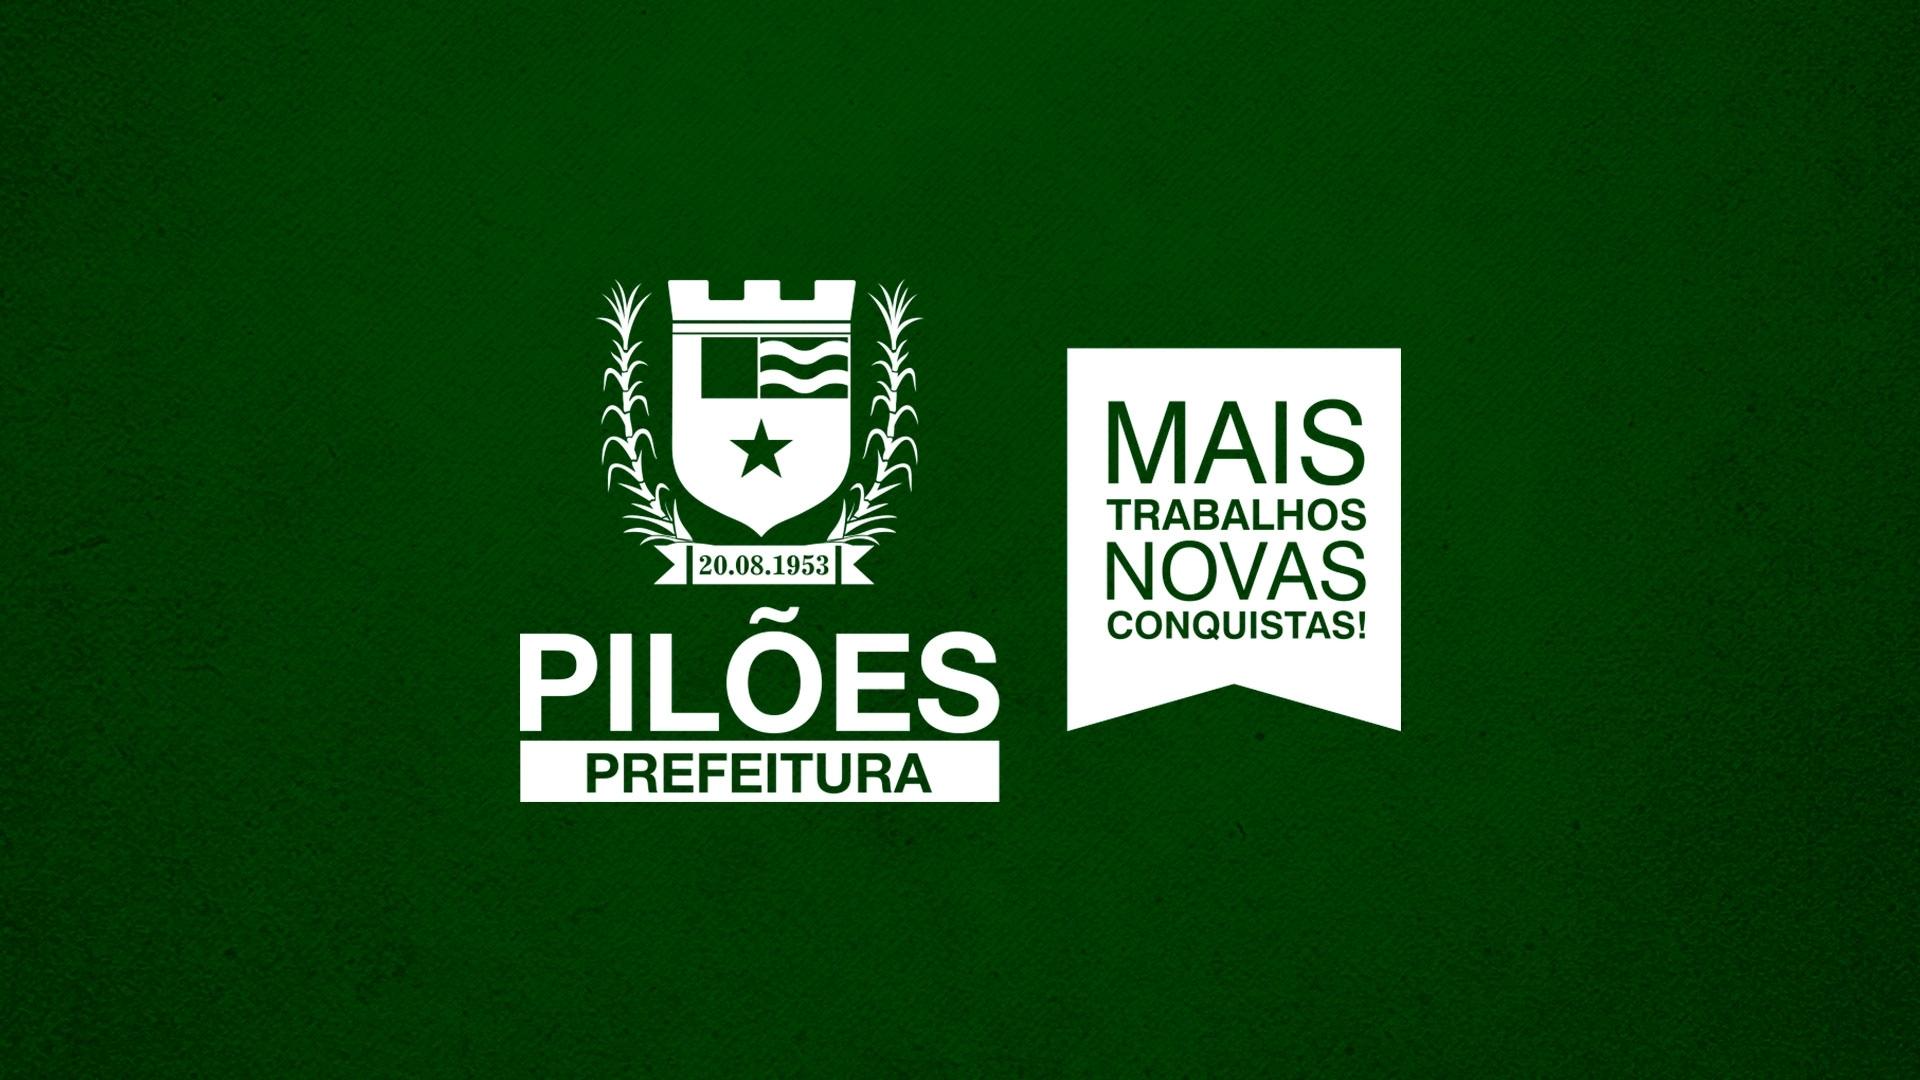 Prefeitura de Pilões